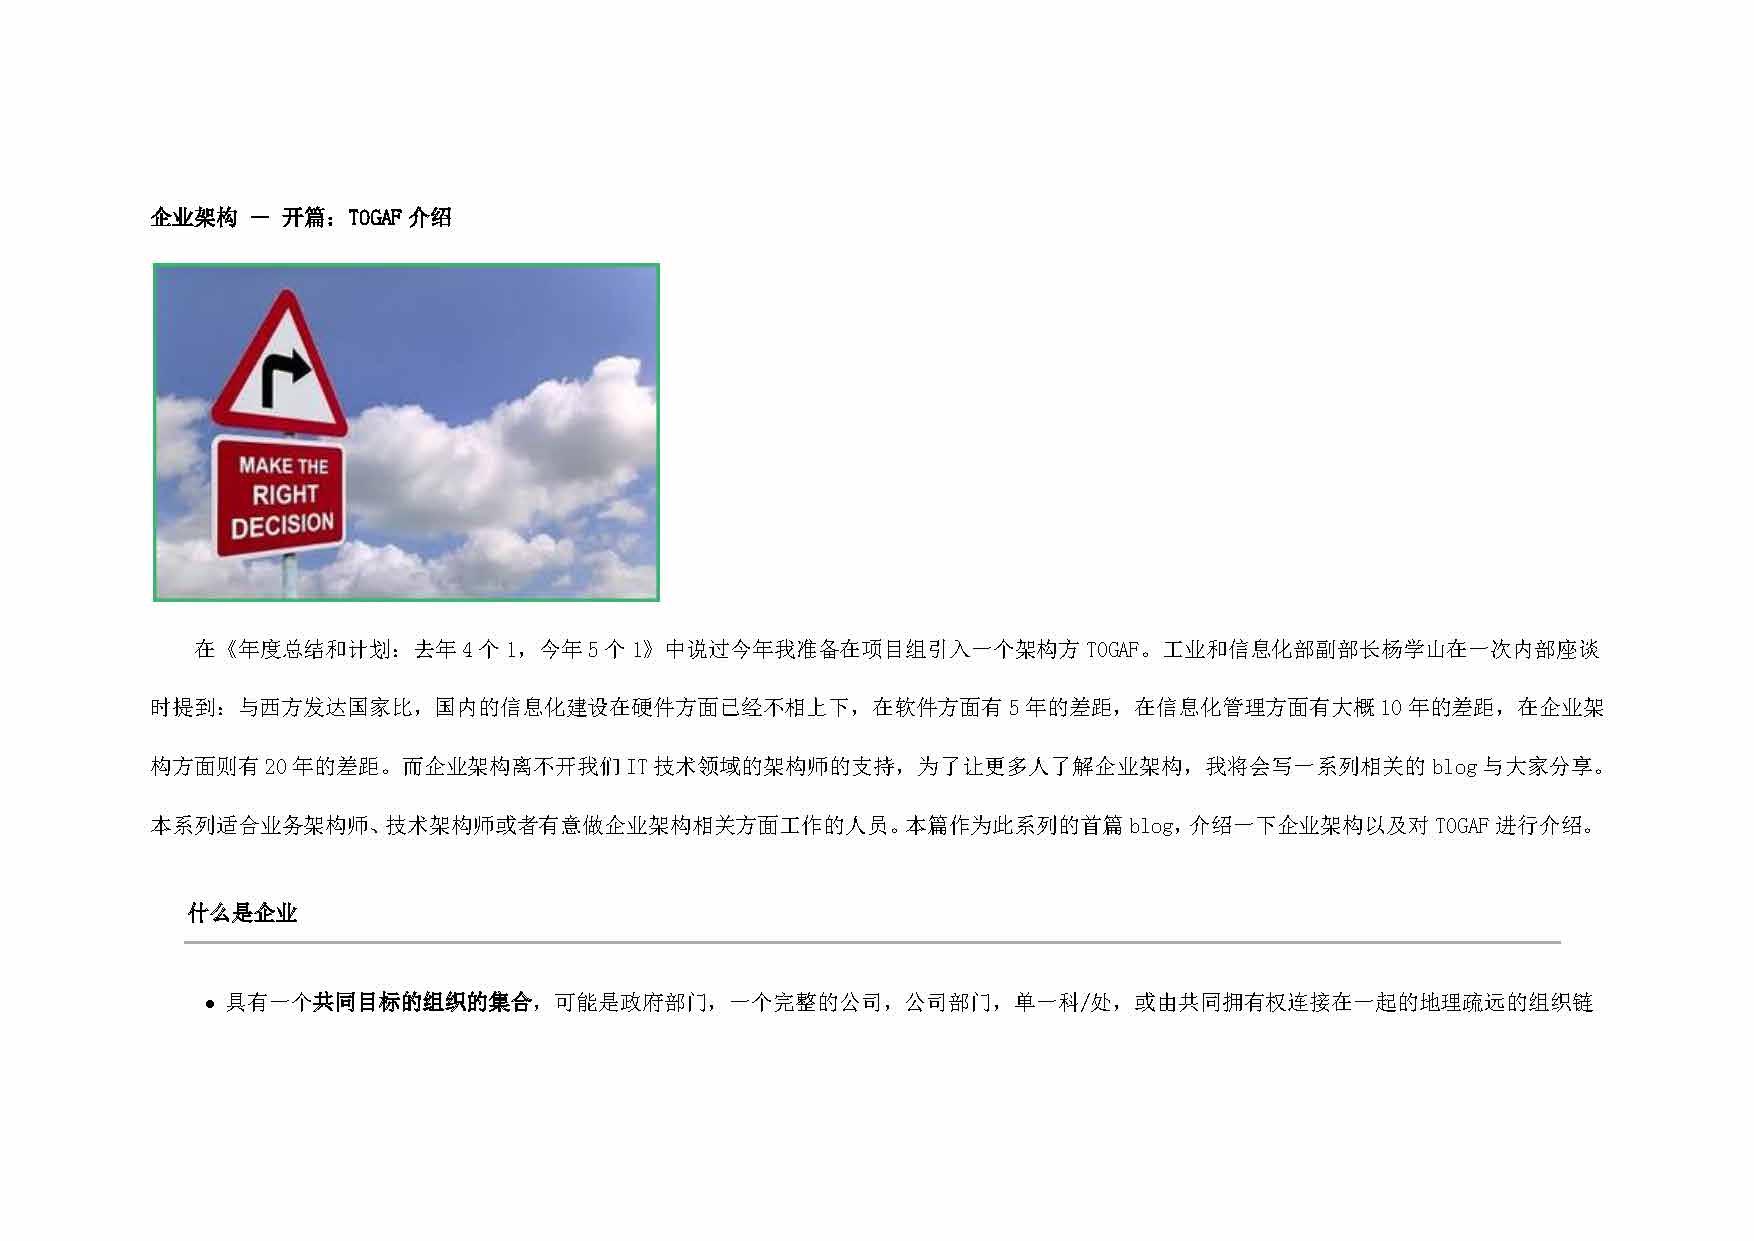 企业架构-TOGAF介绍